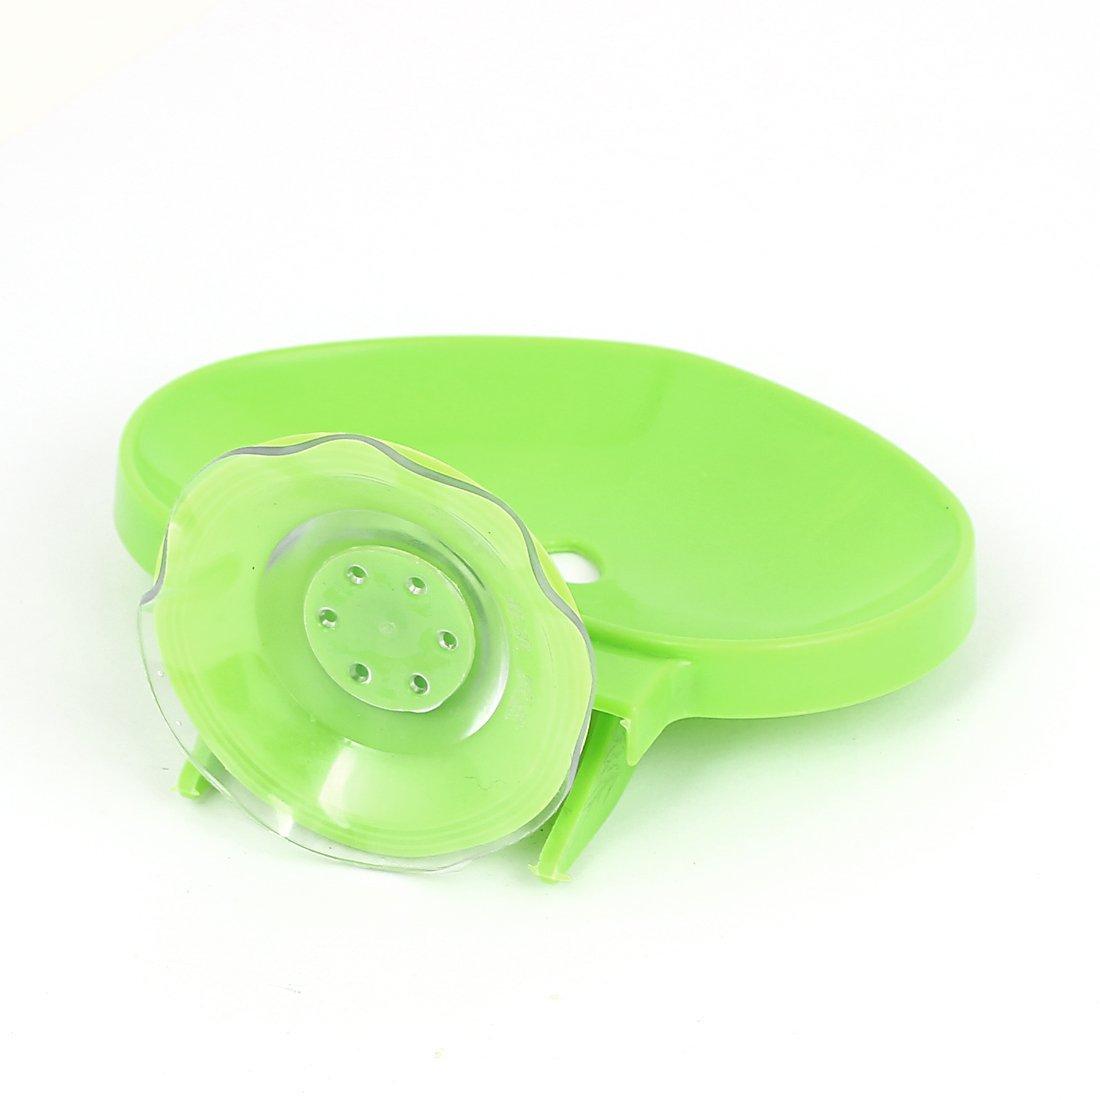 Amazon.com: De plástico en Forma de corazón montado en la pared de la cocina ventosa jabón Titular Verde: Home & Kitchen